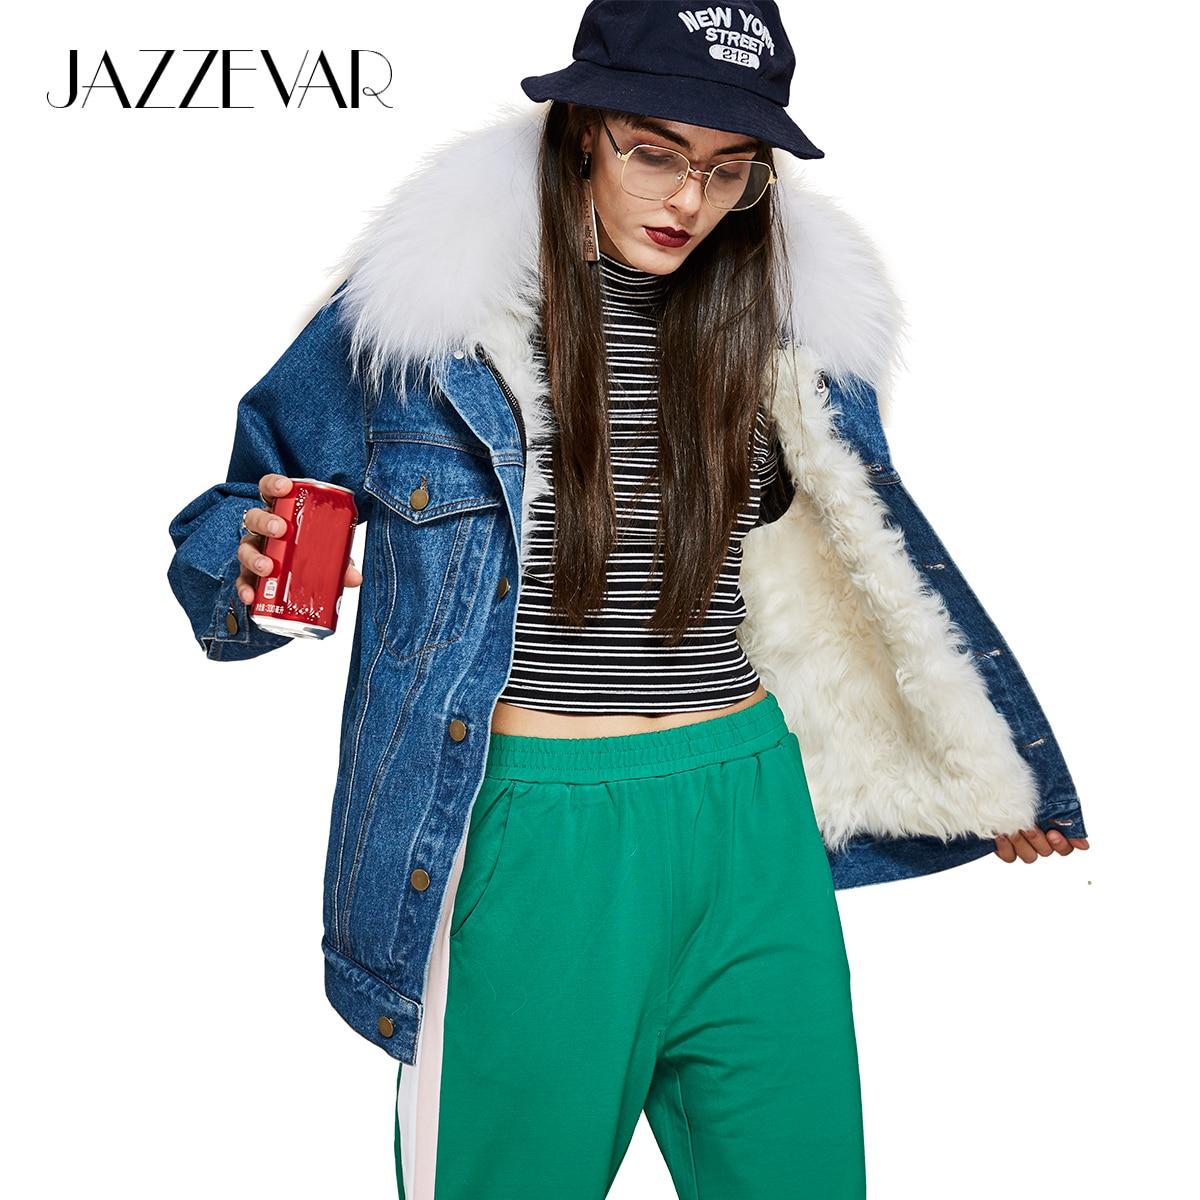 JAZZEVAR Новые уличной моды женская джинсовая куртка настоящий корабль Мех Лайнер енота меховым воротником Зимняя Куртка Свободная одежда